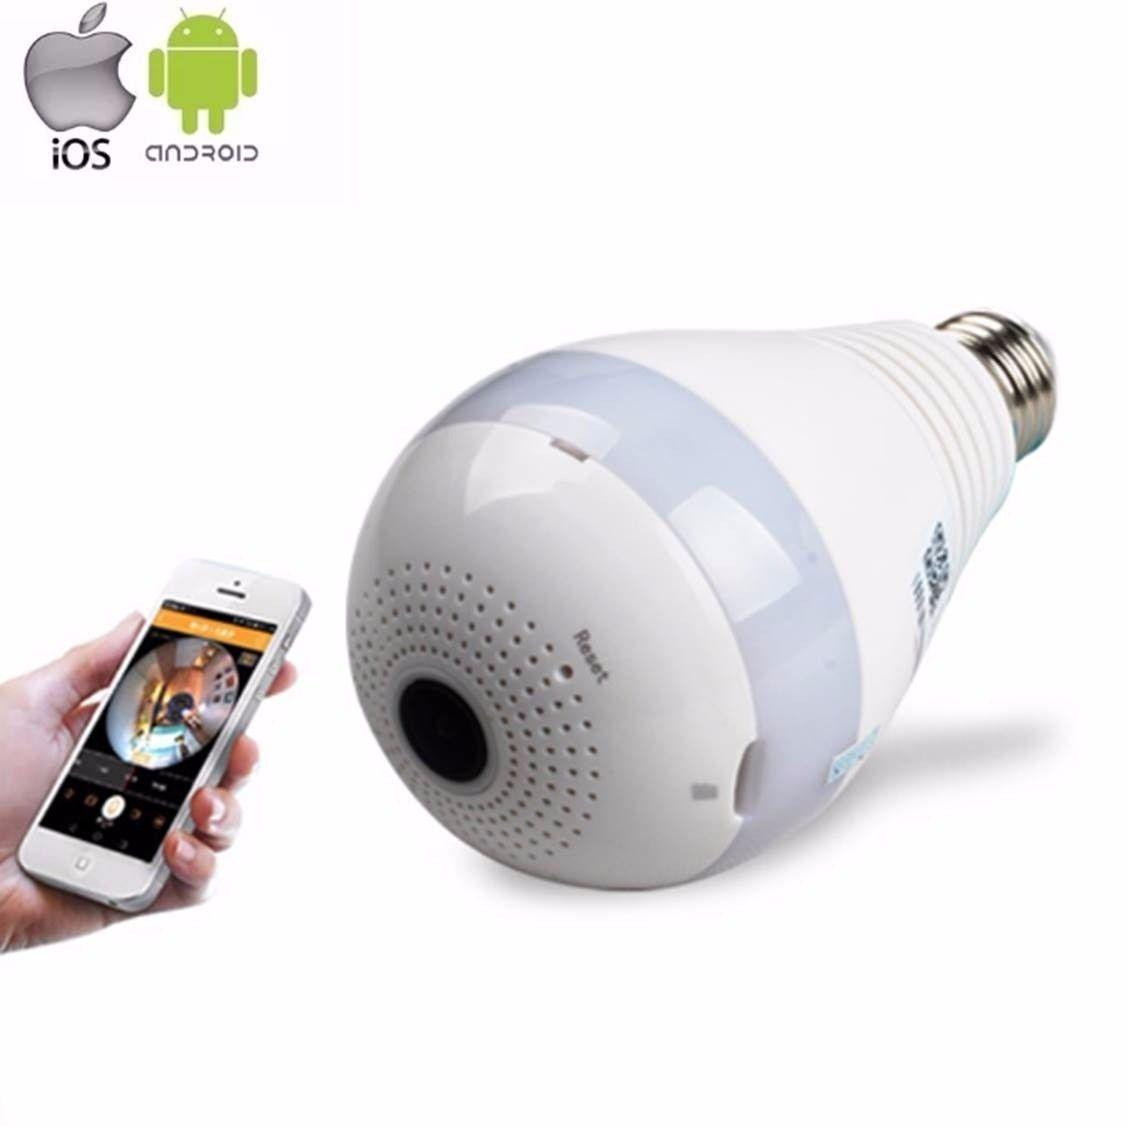 Câmera Lâmpada Espiã Wifi 960P Hd IP Led Panorâmica Vr 360º com Áudio - Hb tech